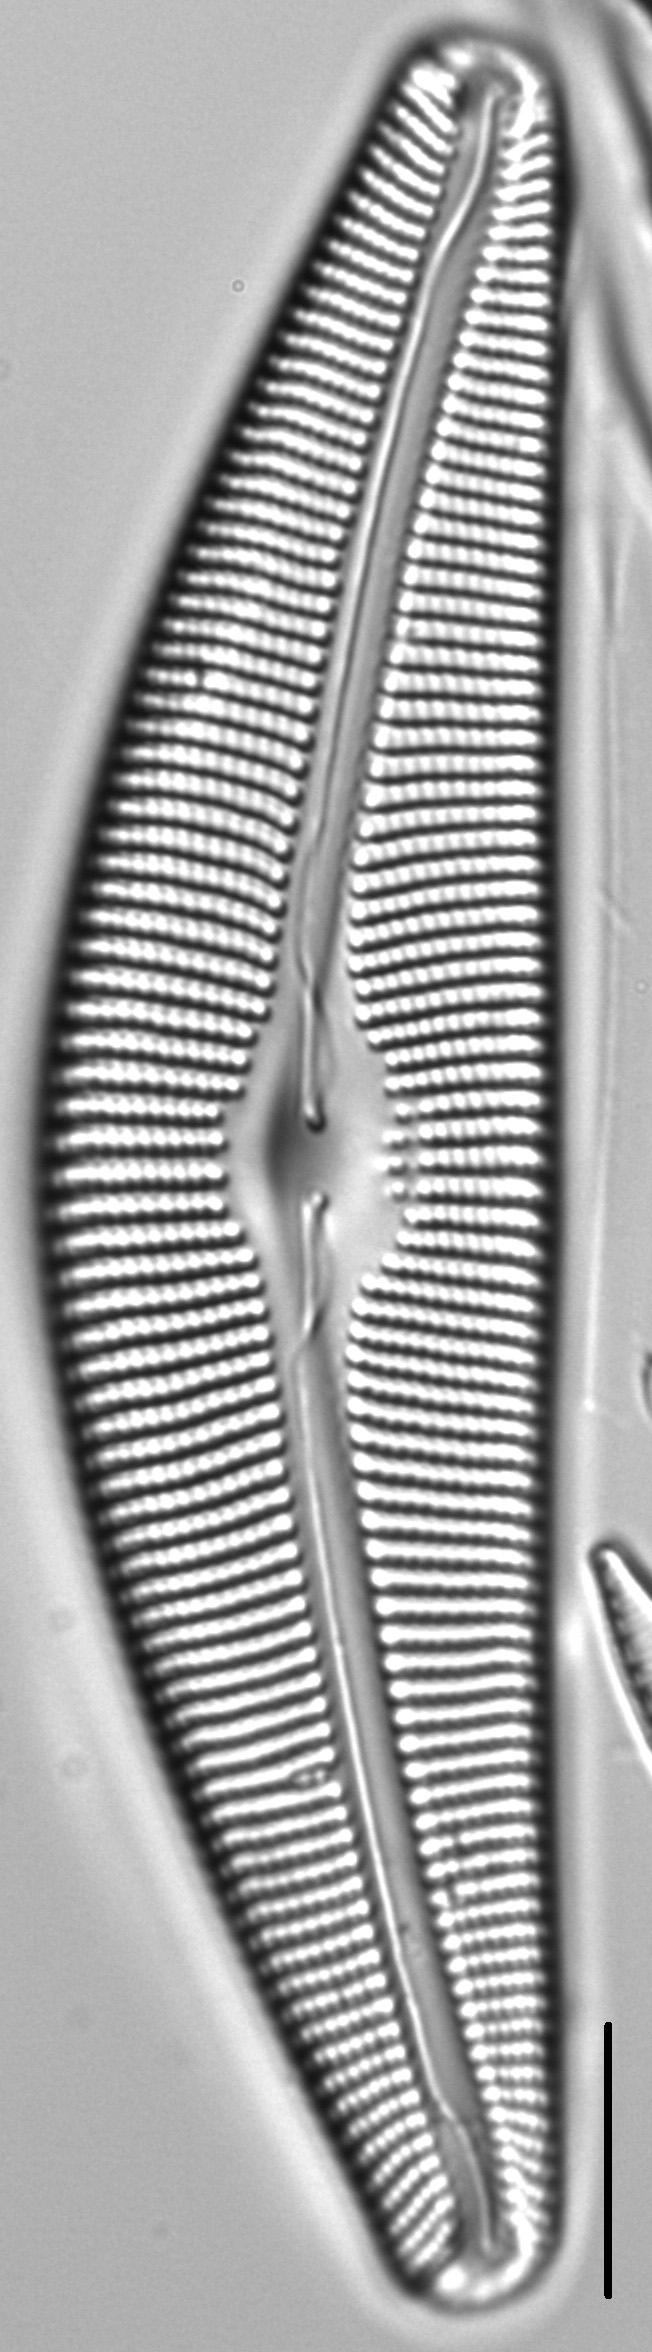 Cymbella perfossilis LM4